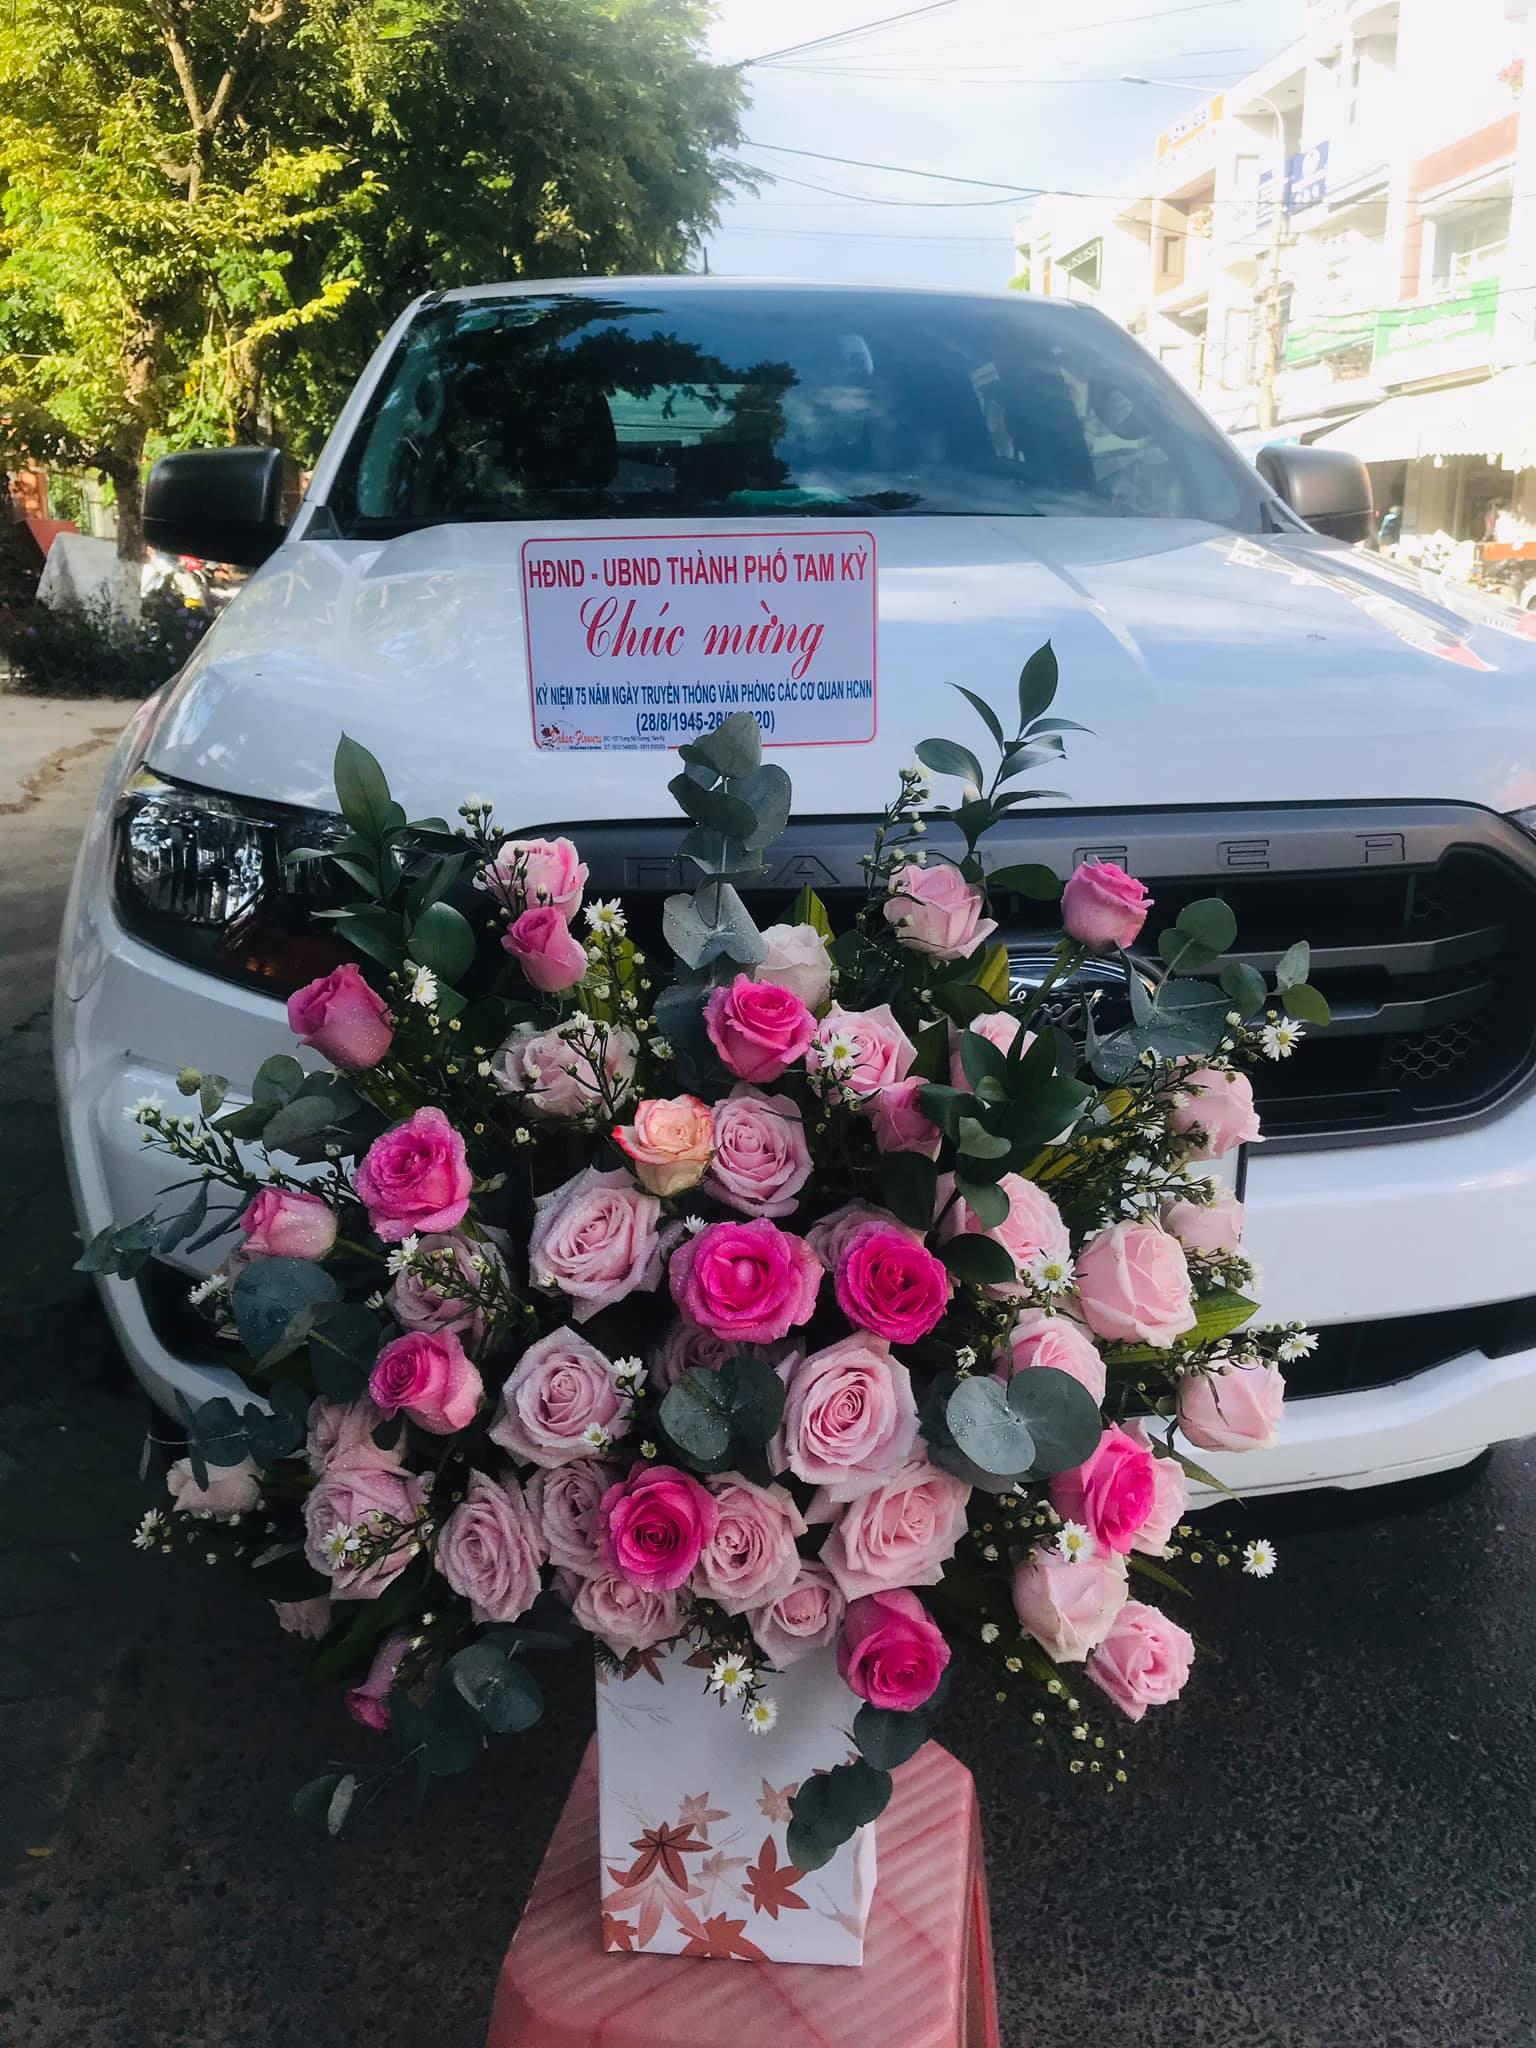 Cửa hàng hoa tươi Tam Kỳ